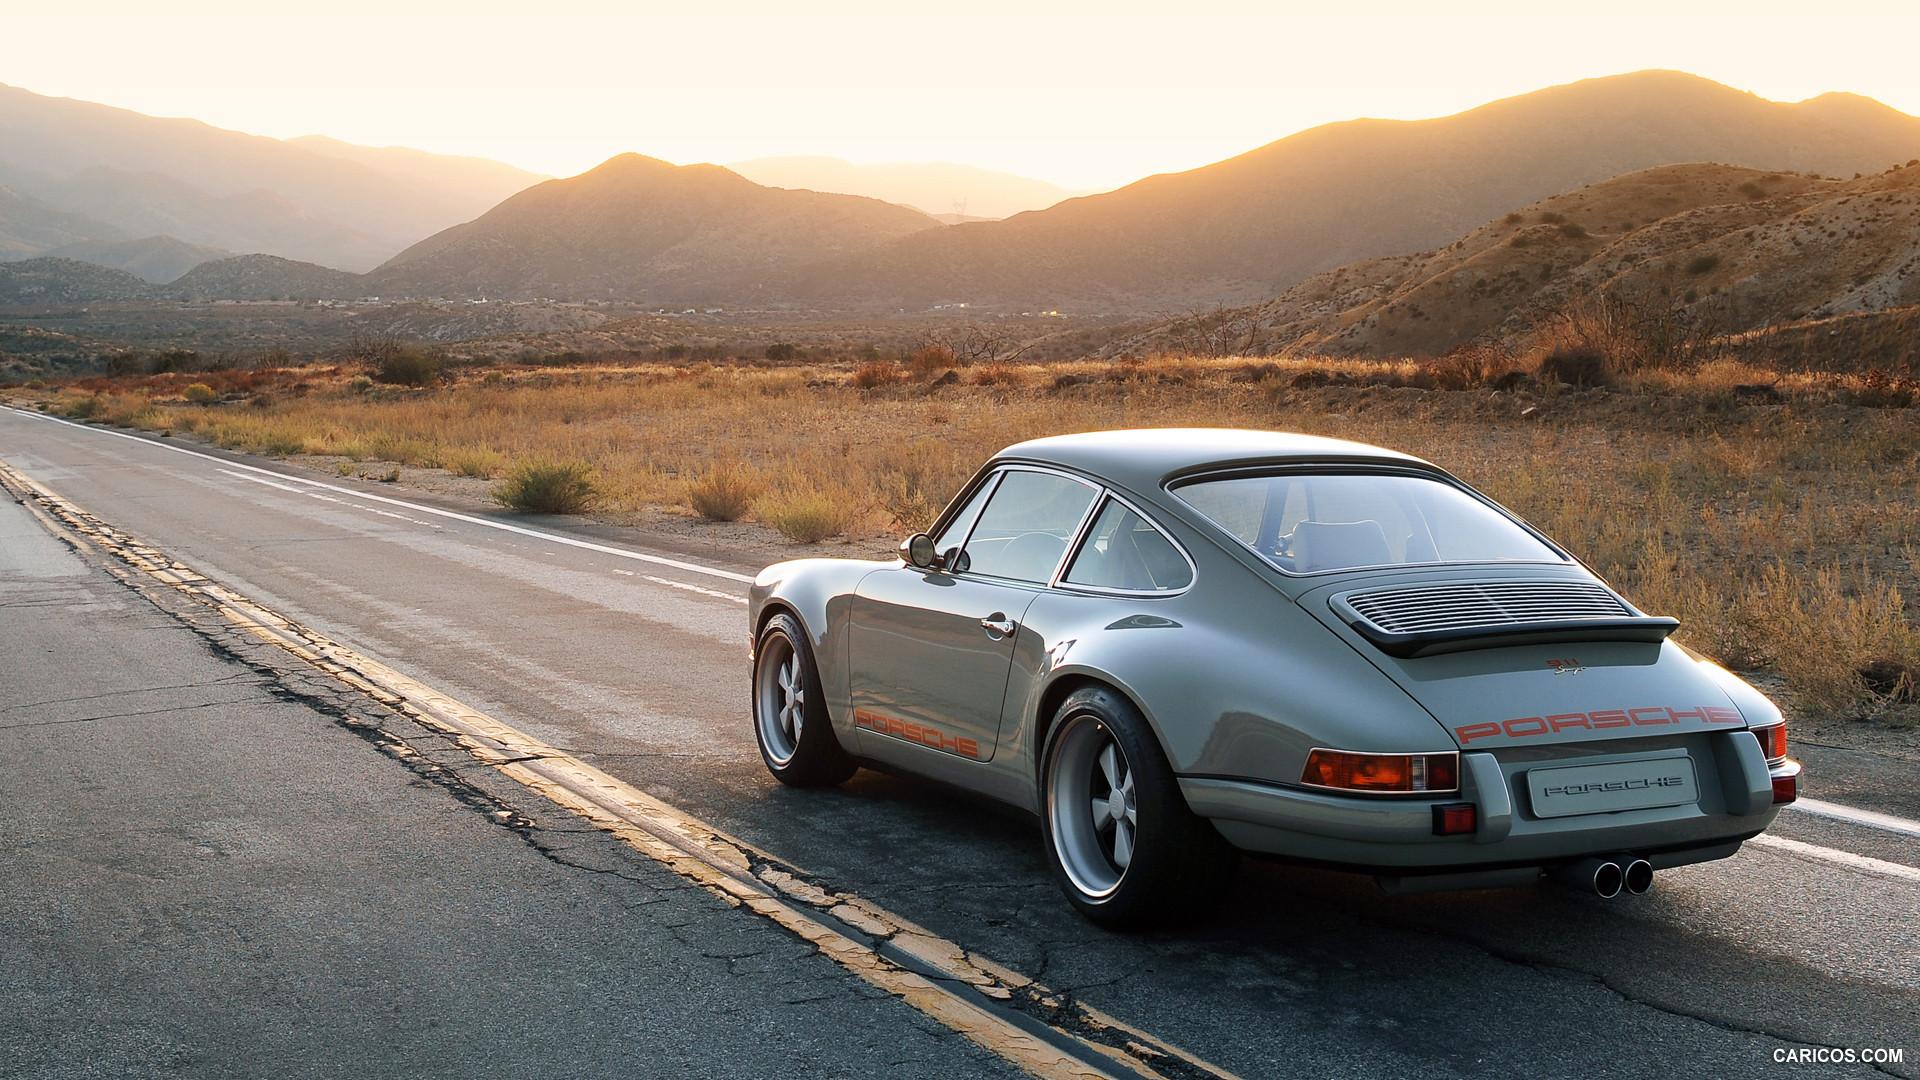 Porsche 911 Carrera дорога скачать